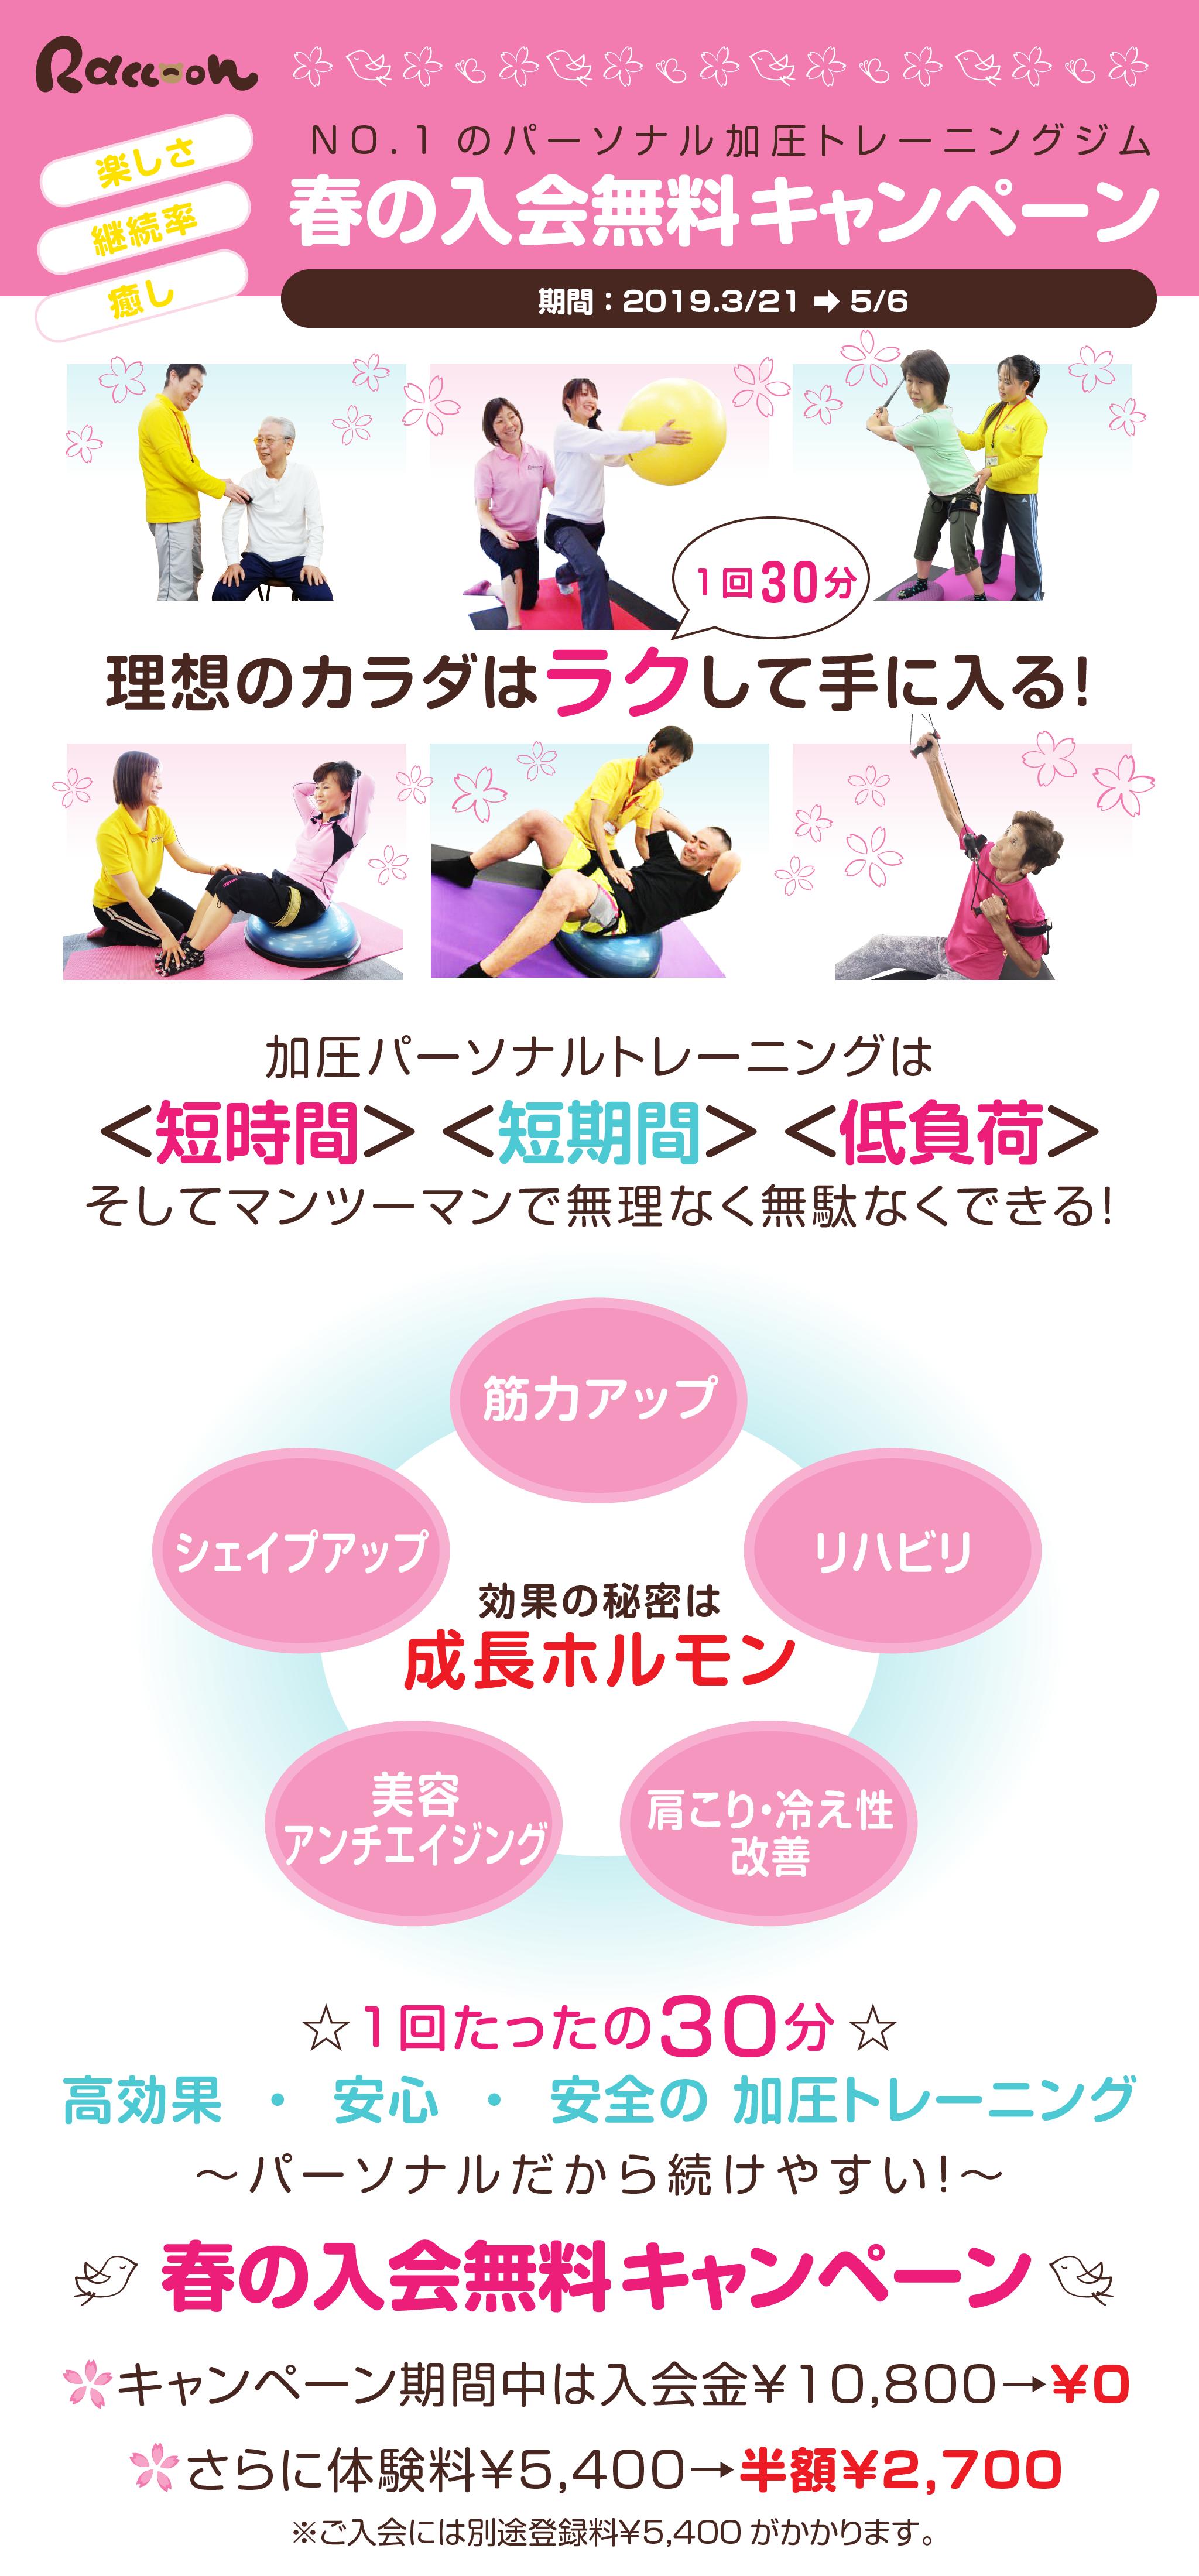 春の入会無料キャンペーン キャンペーン期間中は入会金¥10,800→¥0 さらに体験料¥5,400→半額¥2,700